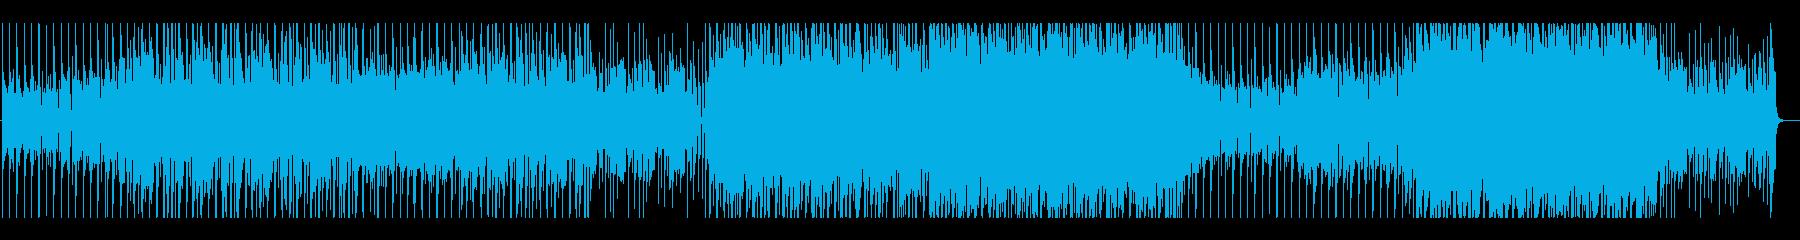 スタイリッシュ×生ギター×EDMの再生済みの波形